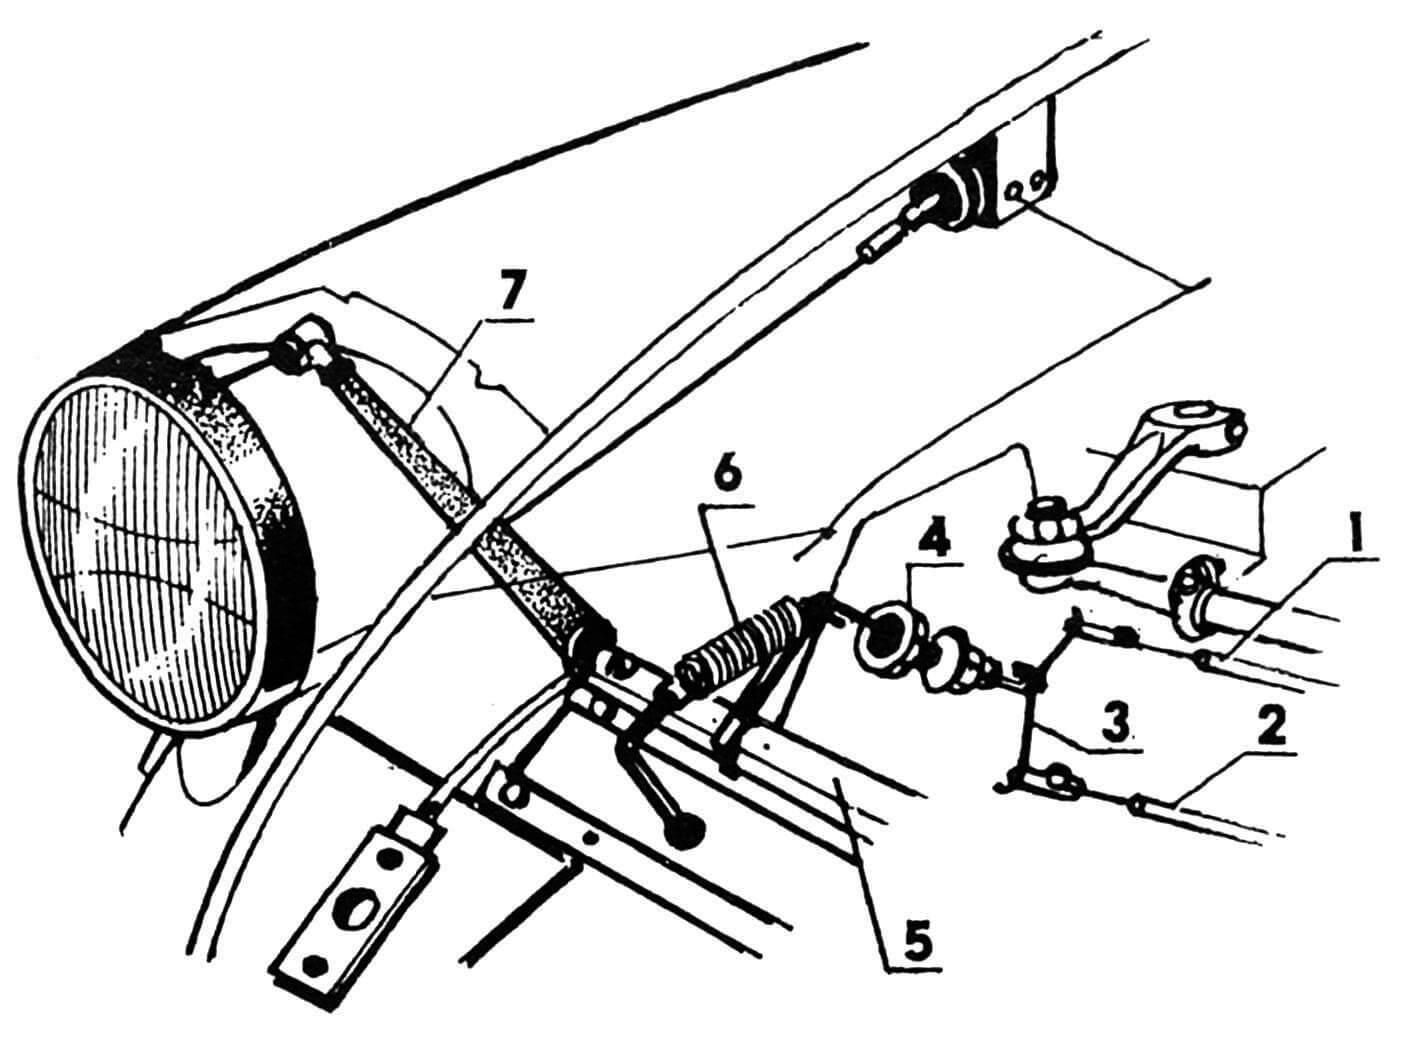 Схема управления фарами: 1,2 — тросы; 3 — коромысло; 4 — тяга регулируемая; 5 — вал поперечный; 6 — пружина возвратная; 7 — рычаг поворота фары.